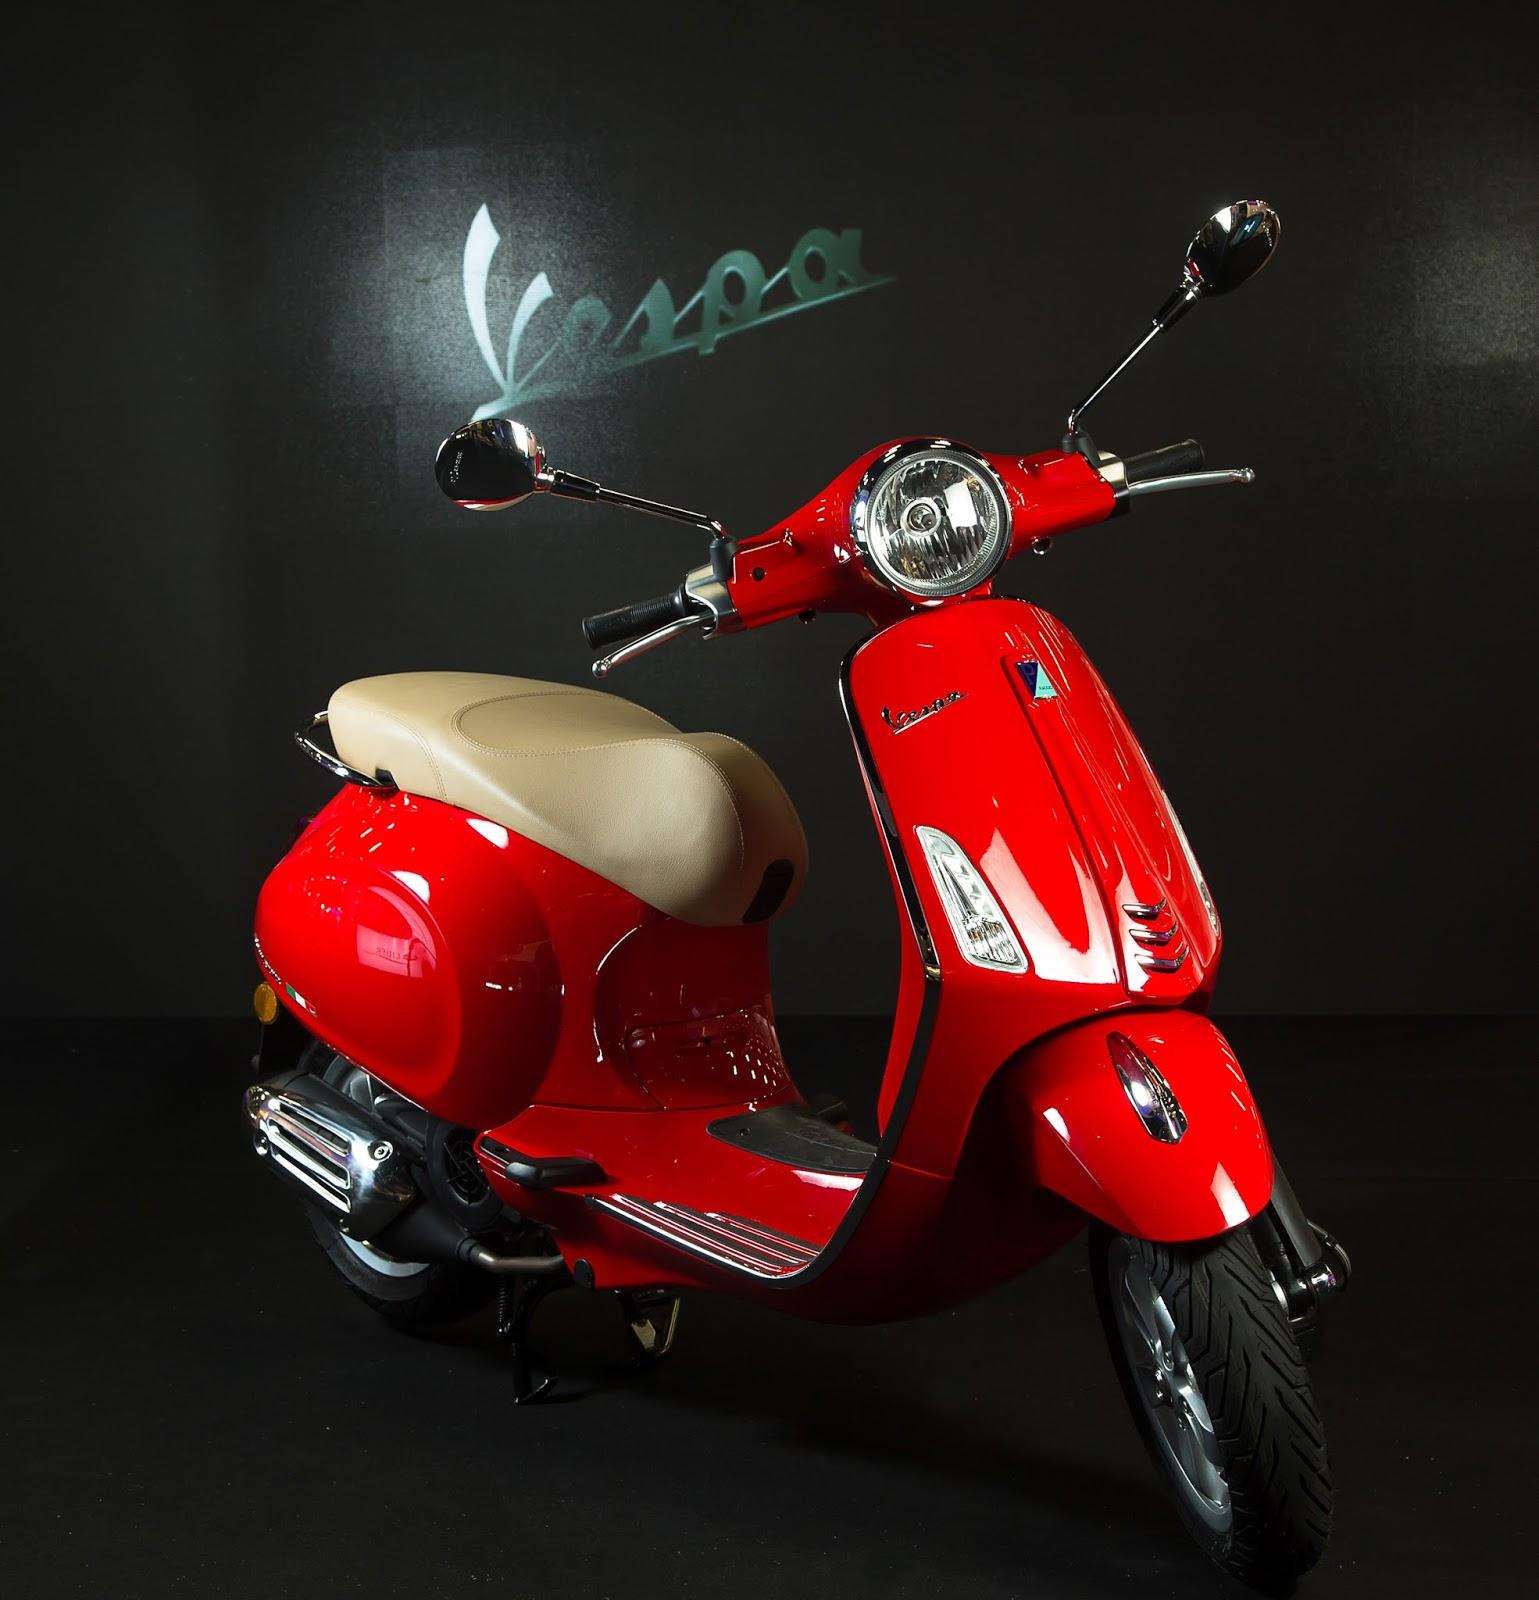 fc39d0655 Com valor de R$ 27.930, as Vespas da Série Histórica foram feitas para  comemorar a chegada do Grupo Piaggio no Brasil. Os modelos virão com uma  plaqueta que ...